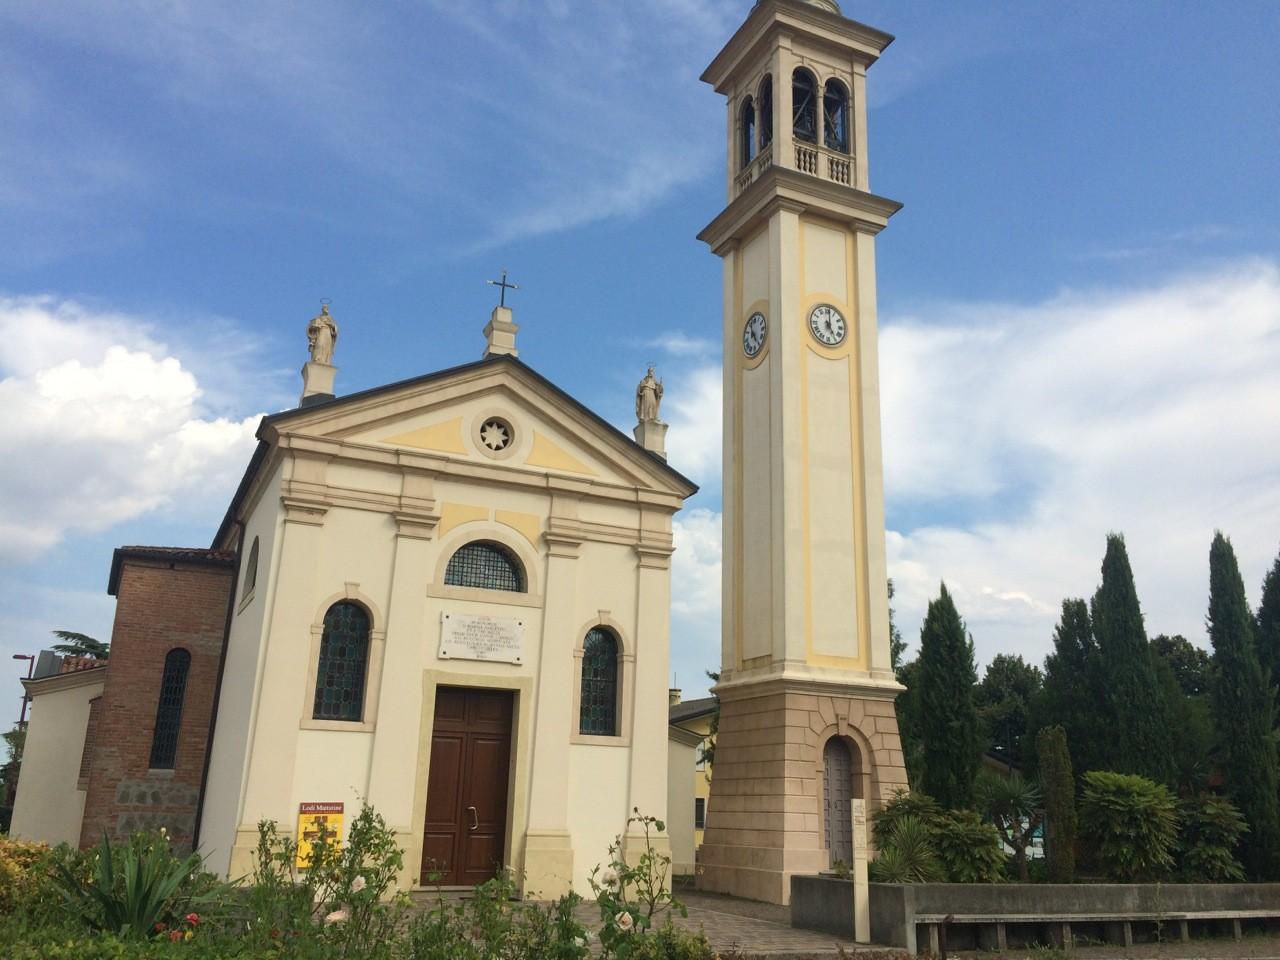 Chiese Romantiche Padova Bosco Di Rubano Esterni.jpg